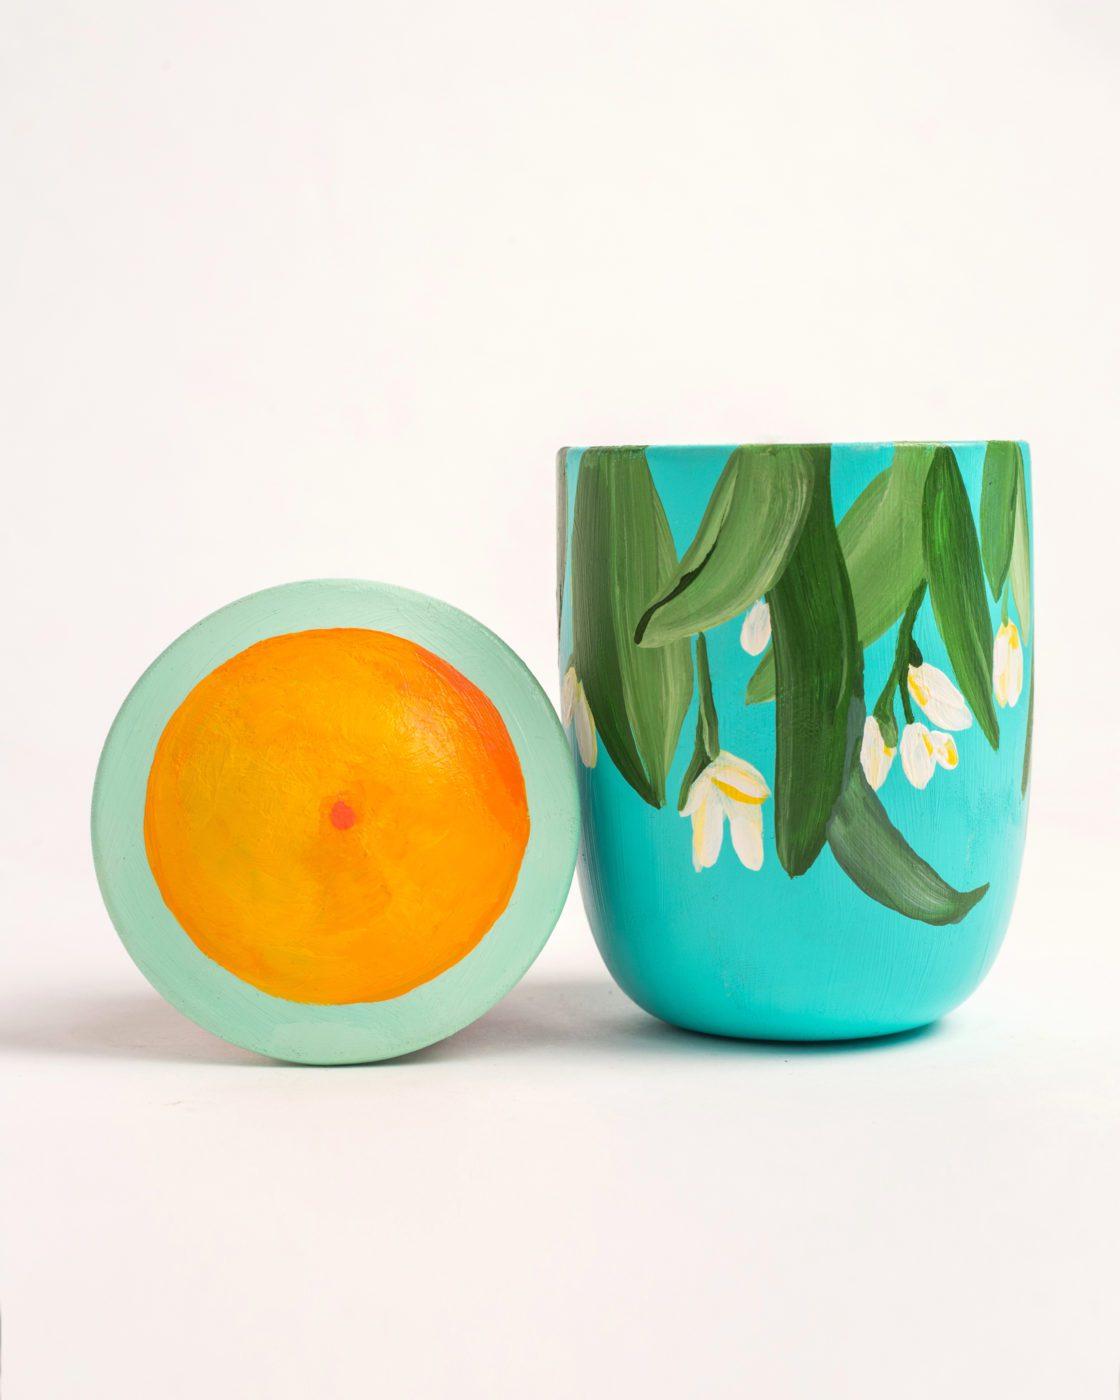 Voutsa x Regime des Fleurs Artefact Hand-Painted Candle Thaleia scent fragrance in the pursuit